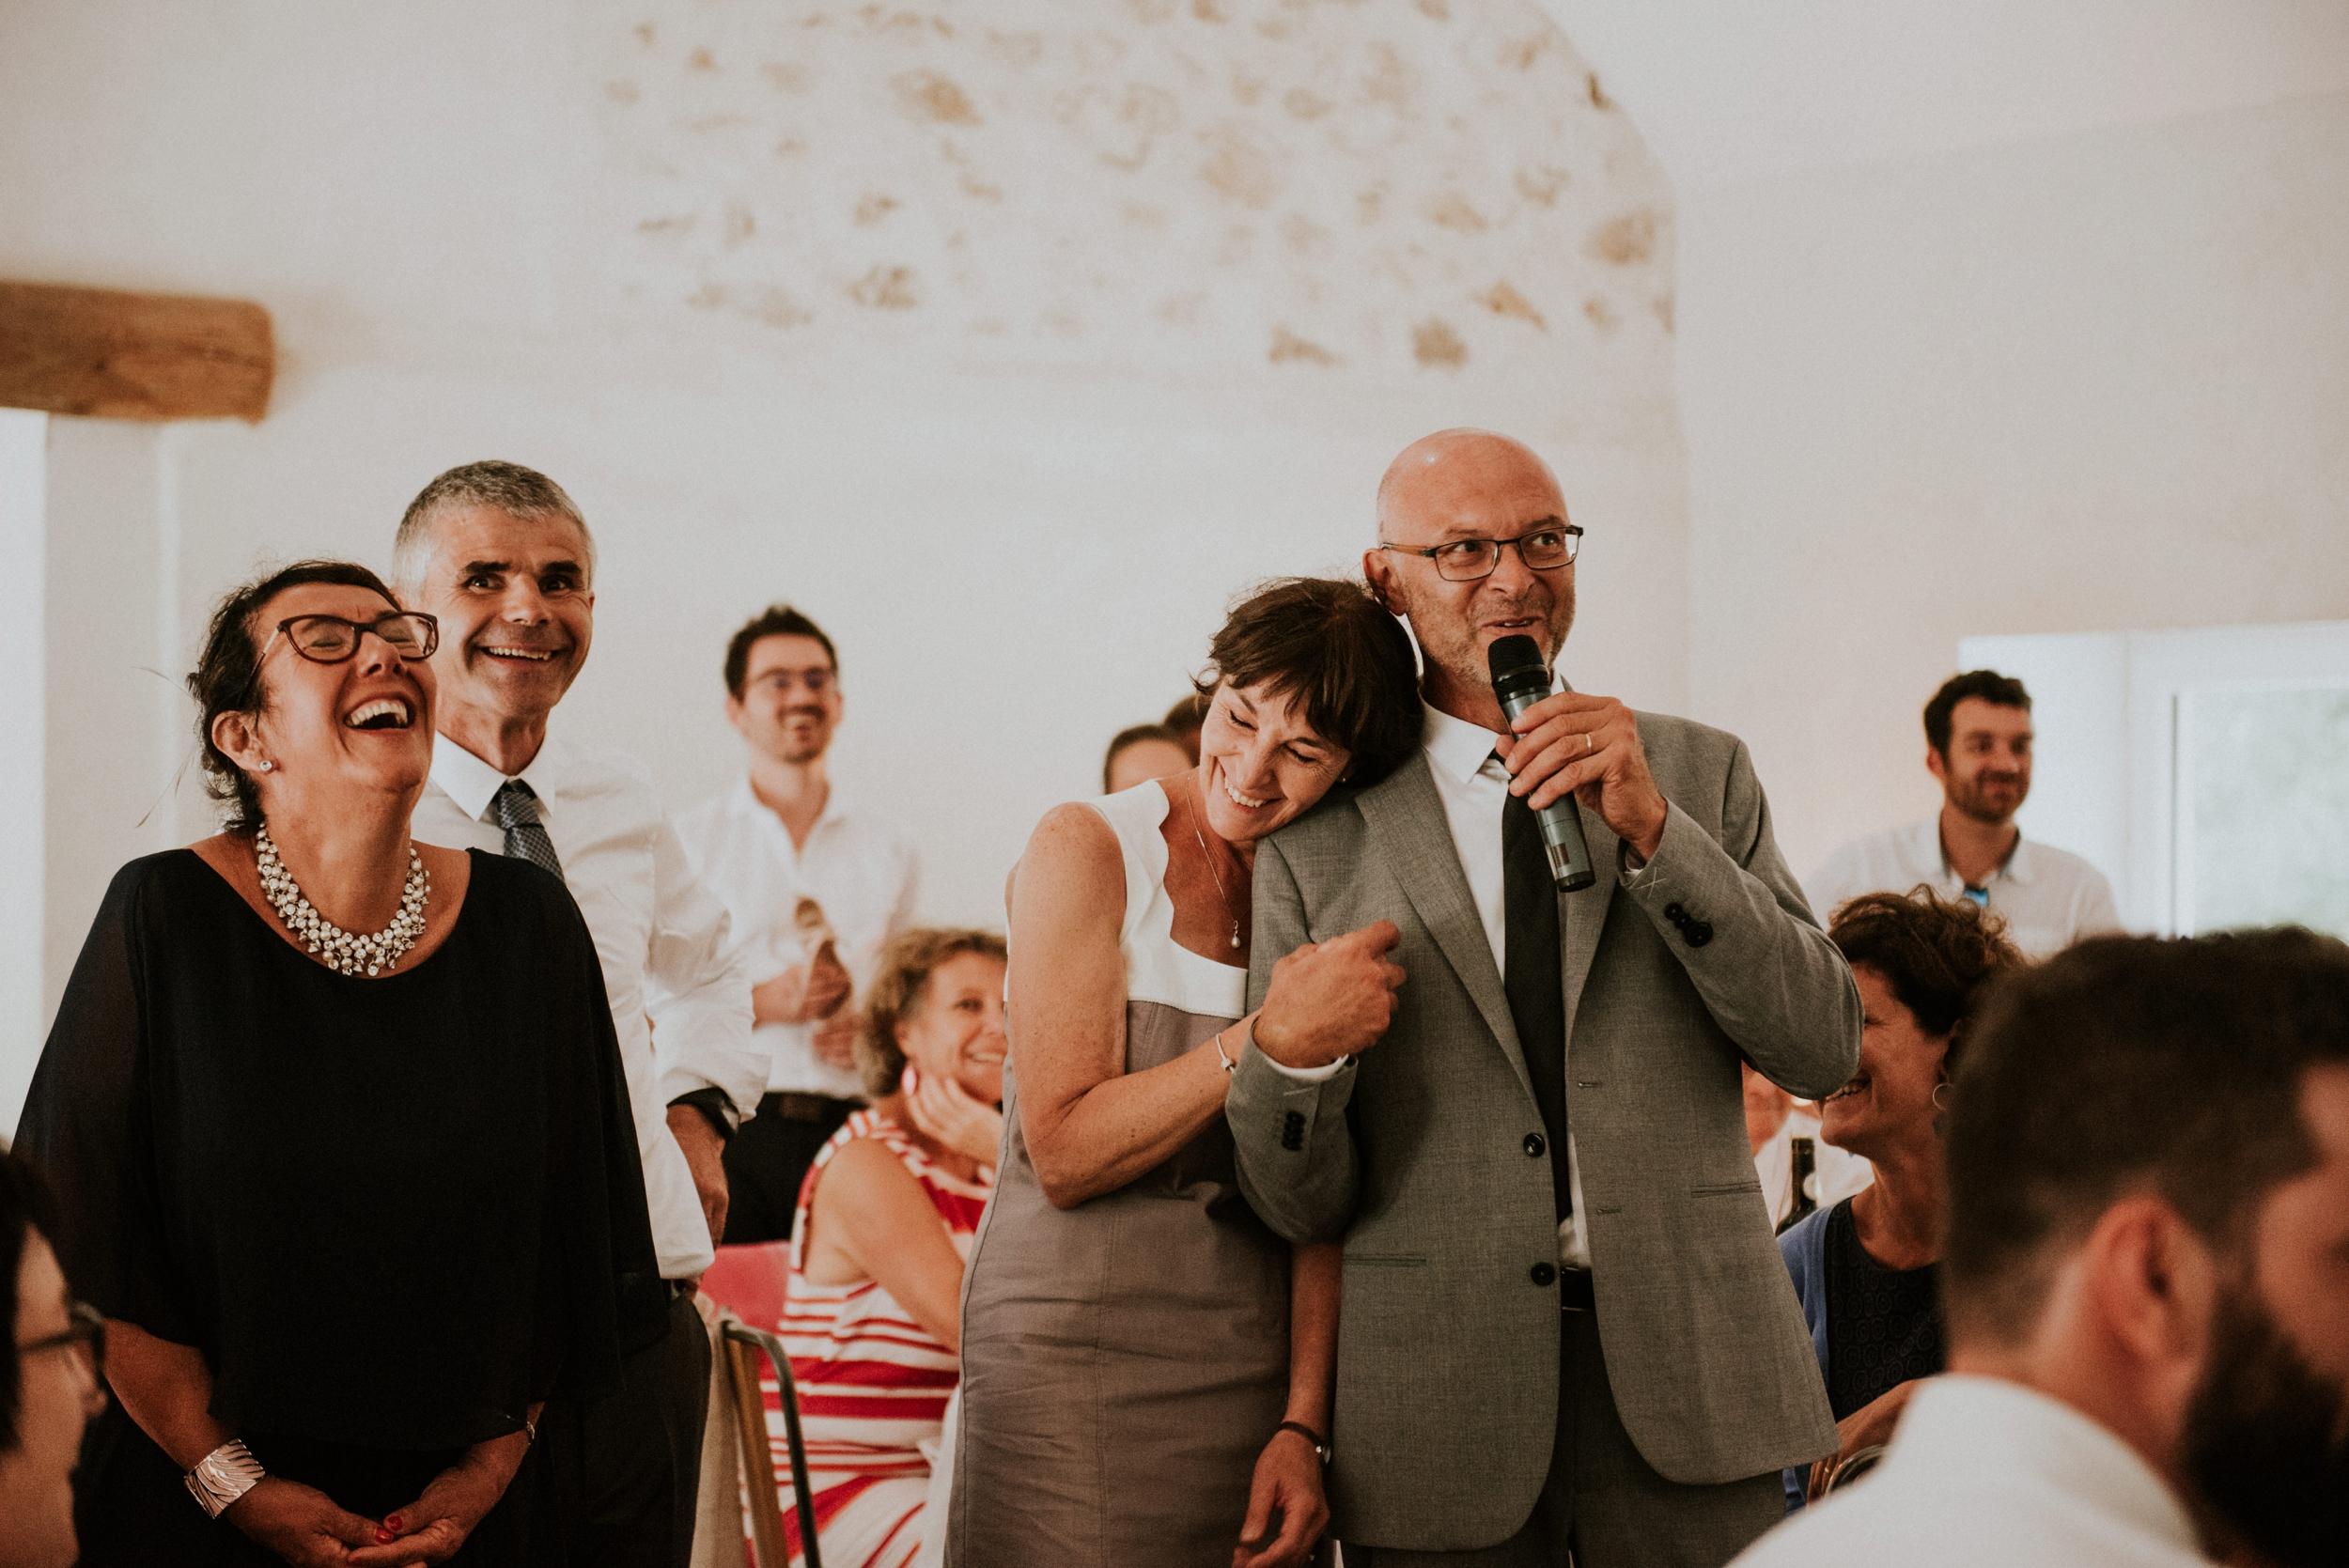 photographe mariage rhone alpes grenoble lyon annecy geneve montagne ceremonie laique_0013